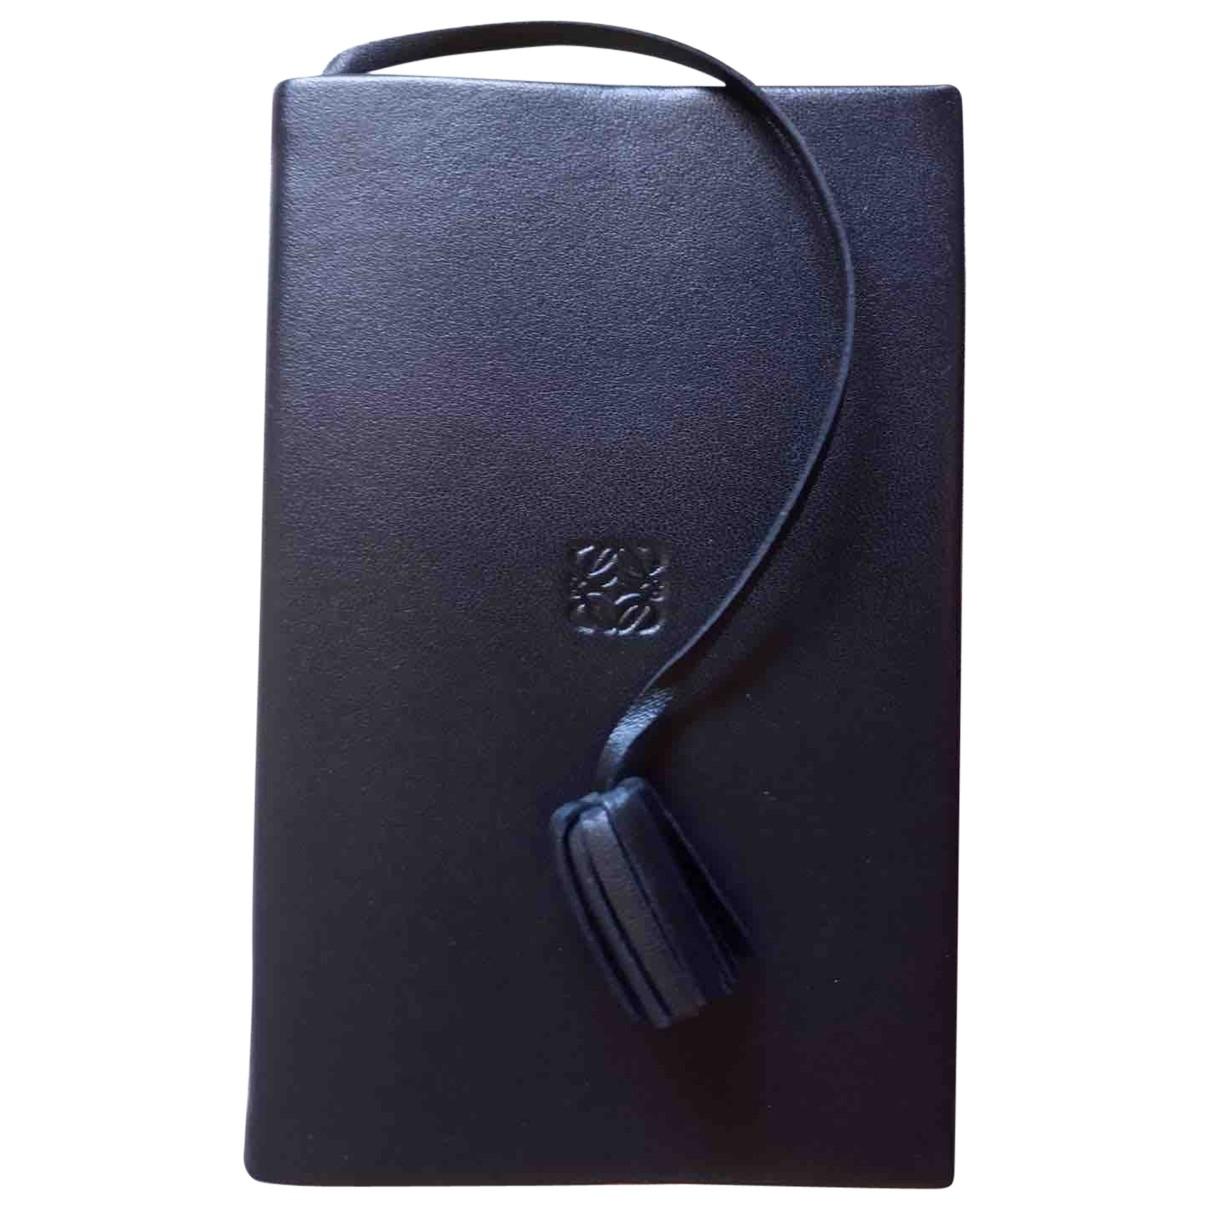 Loewe - Objets & Deco   pour lifestyle en cuir - noir